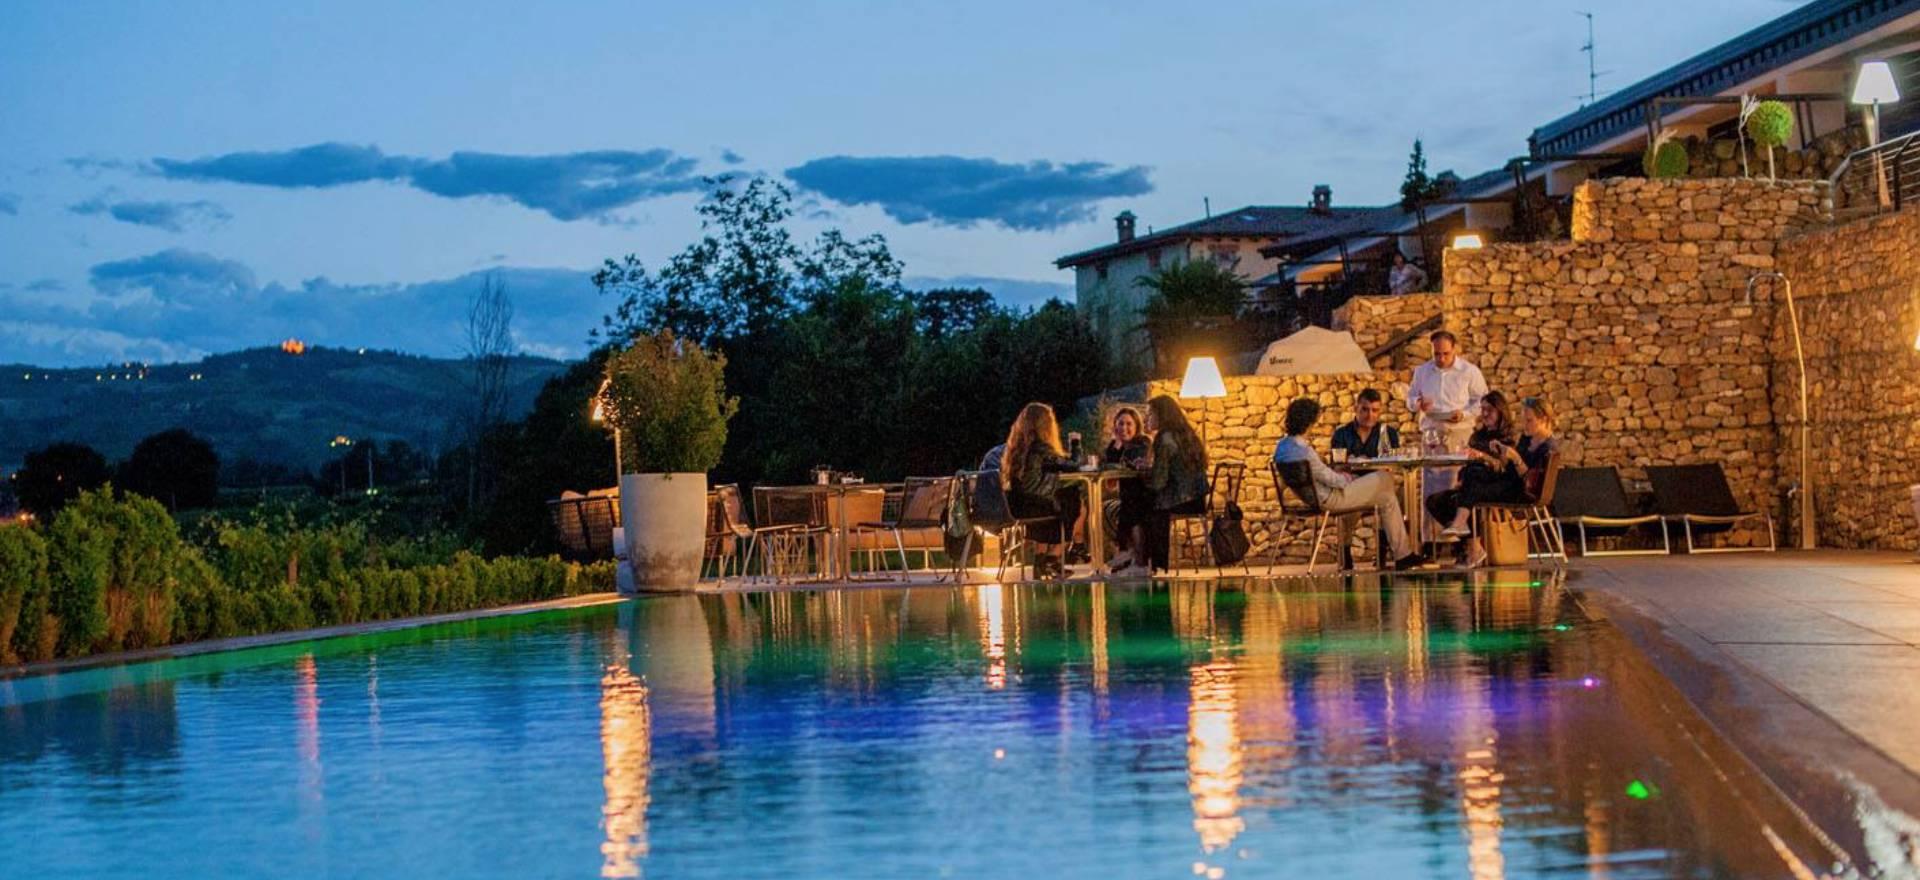 Agriturismo met ontspannen sfeer en goed restaurant